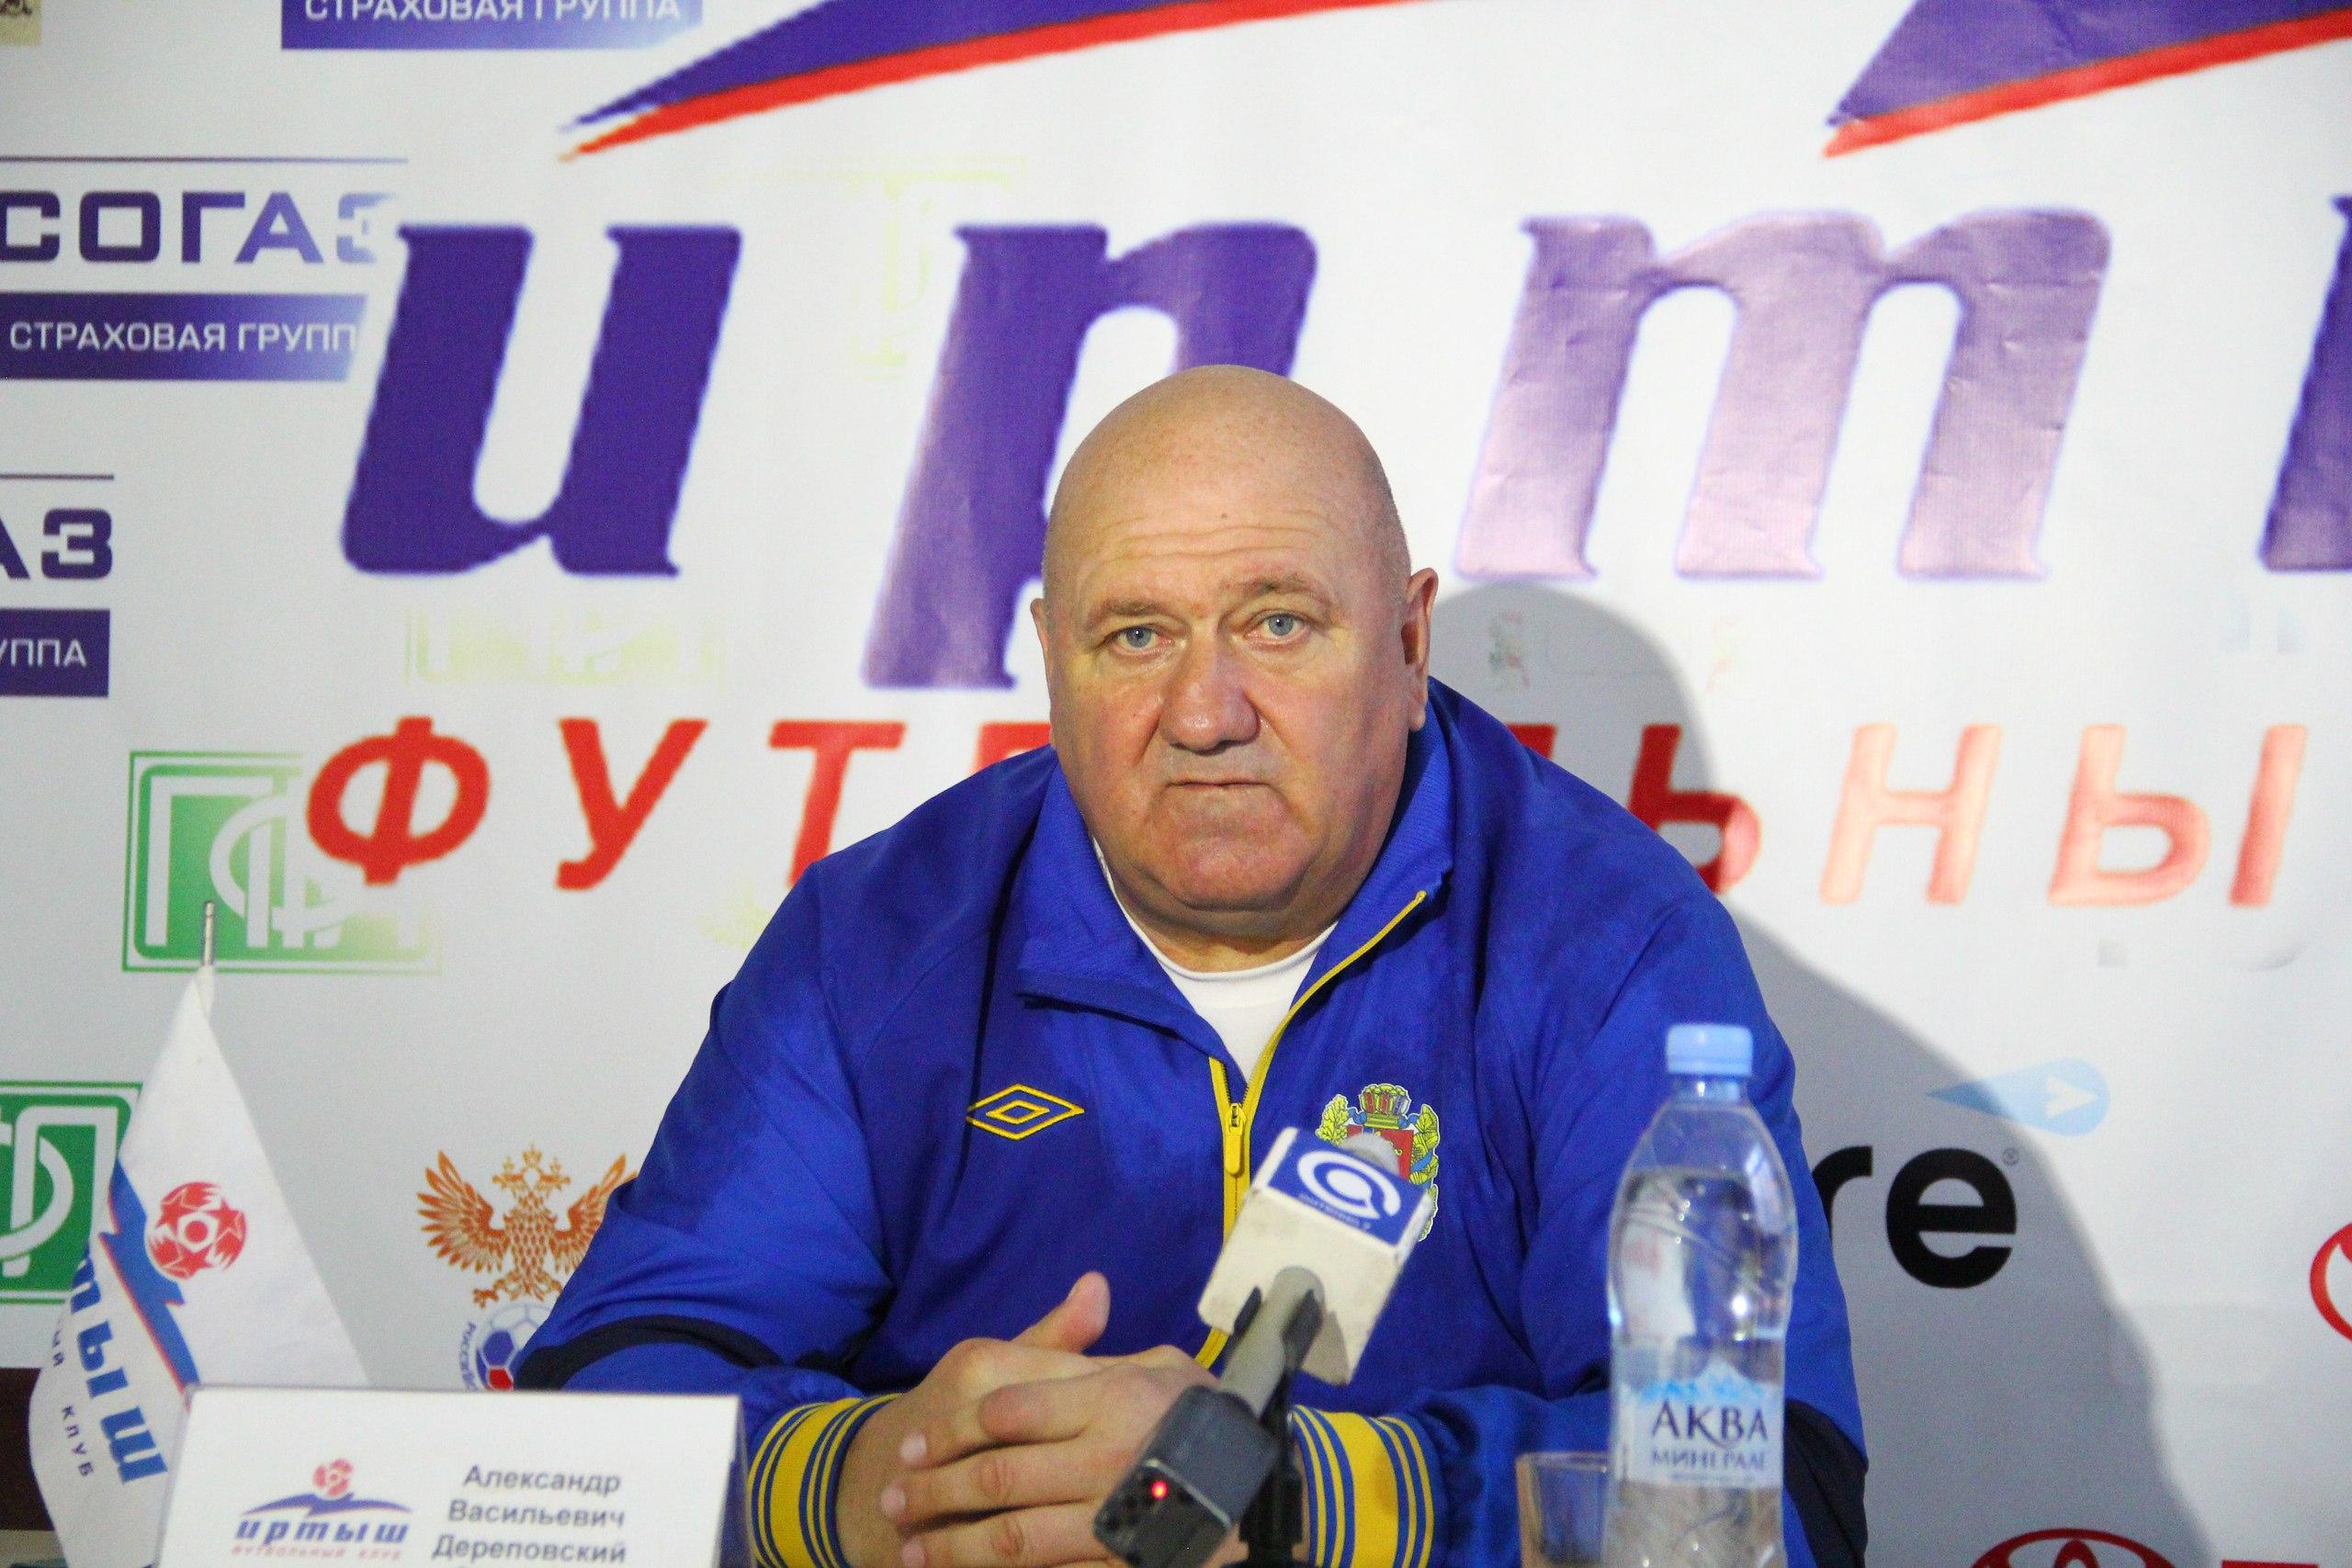 Александр Дереповский подтвердил тренерскую лицензию «А» — УЕФА